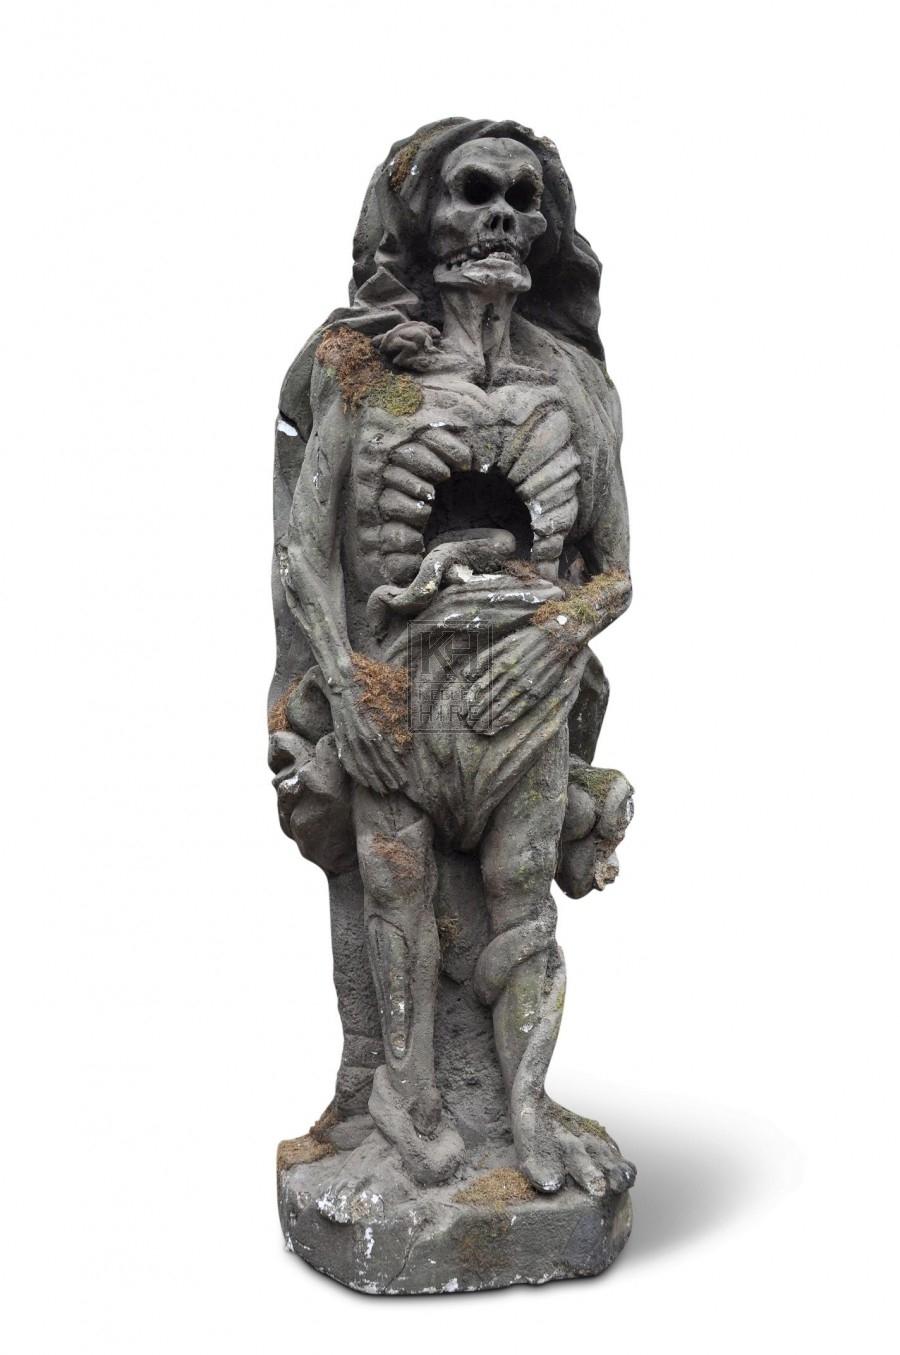 Snake Monster Statue